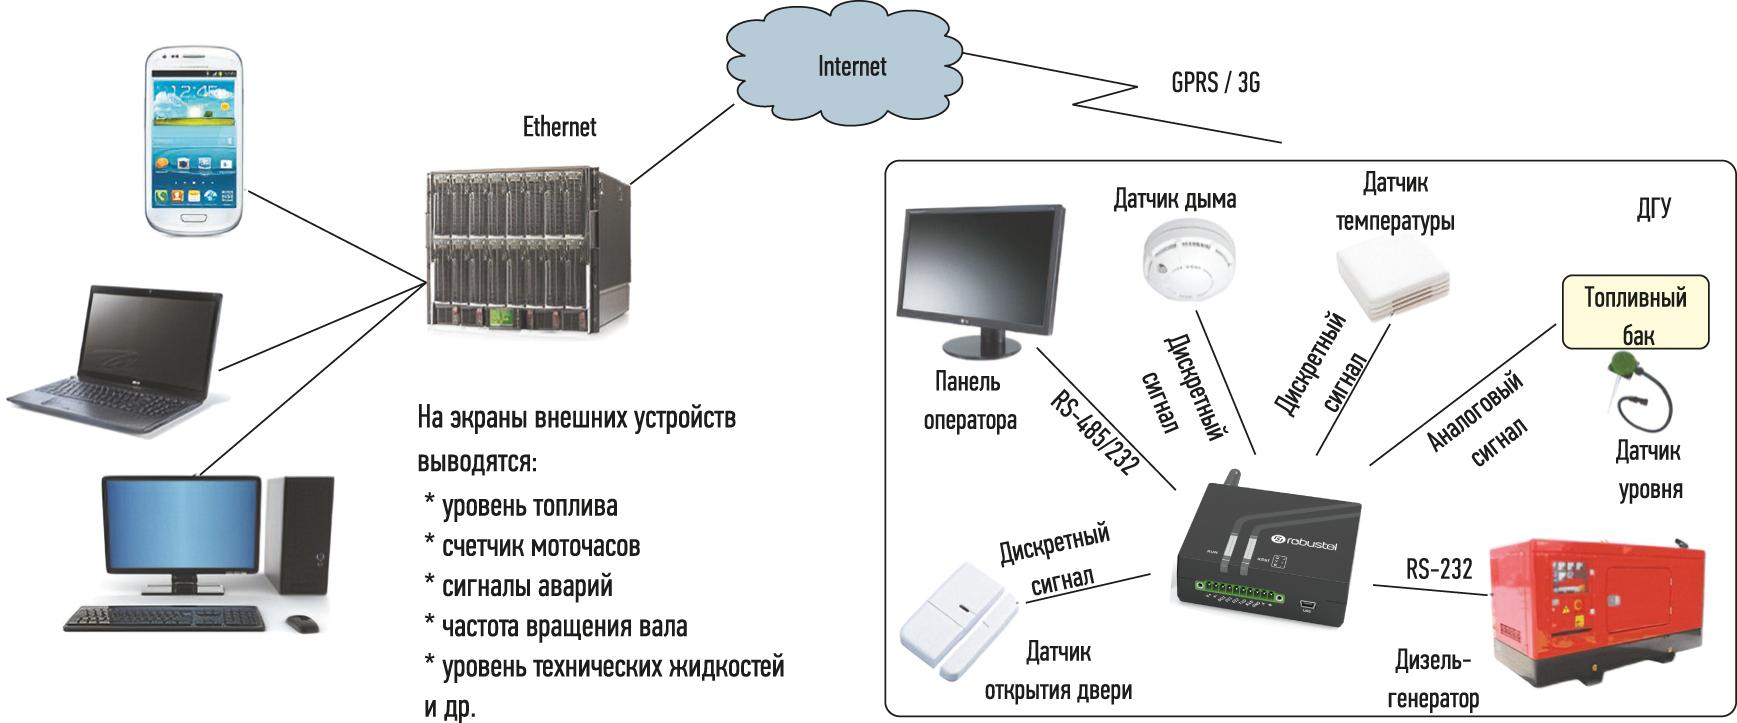 Схема подключения интеллектуального промышленного 4G-шлюза/роутера M1200-4L компании Robustel